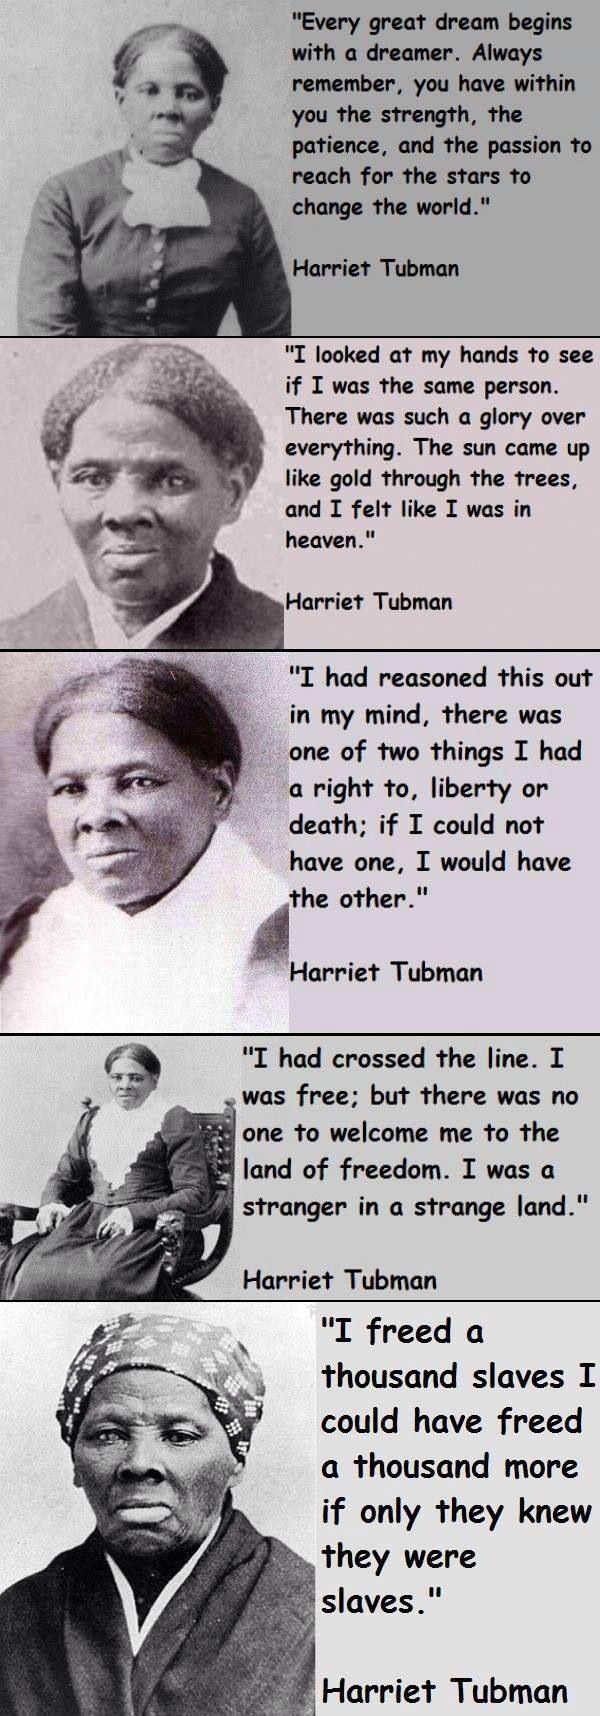 Harriet Tubman. Abolitionist, rescued slaves through the Underground Railroad.